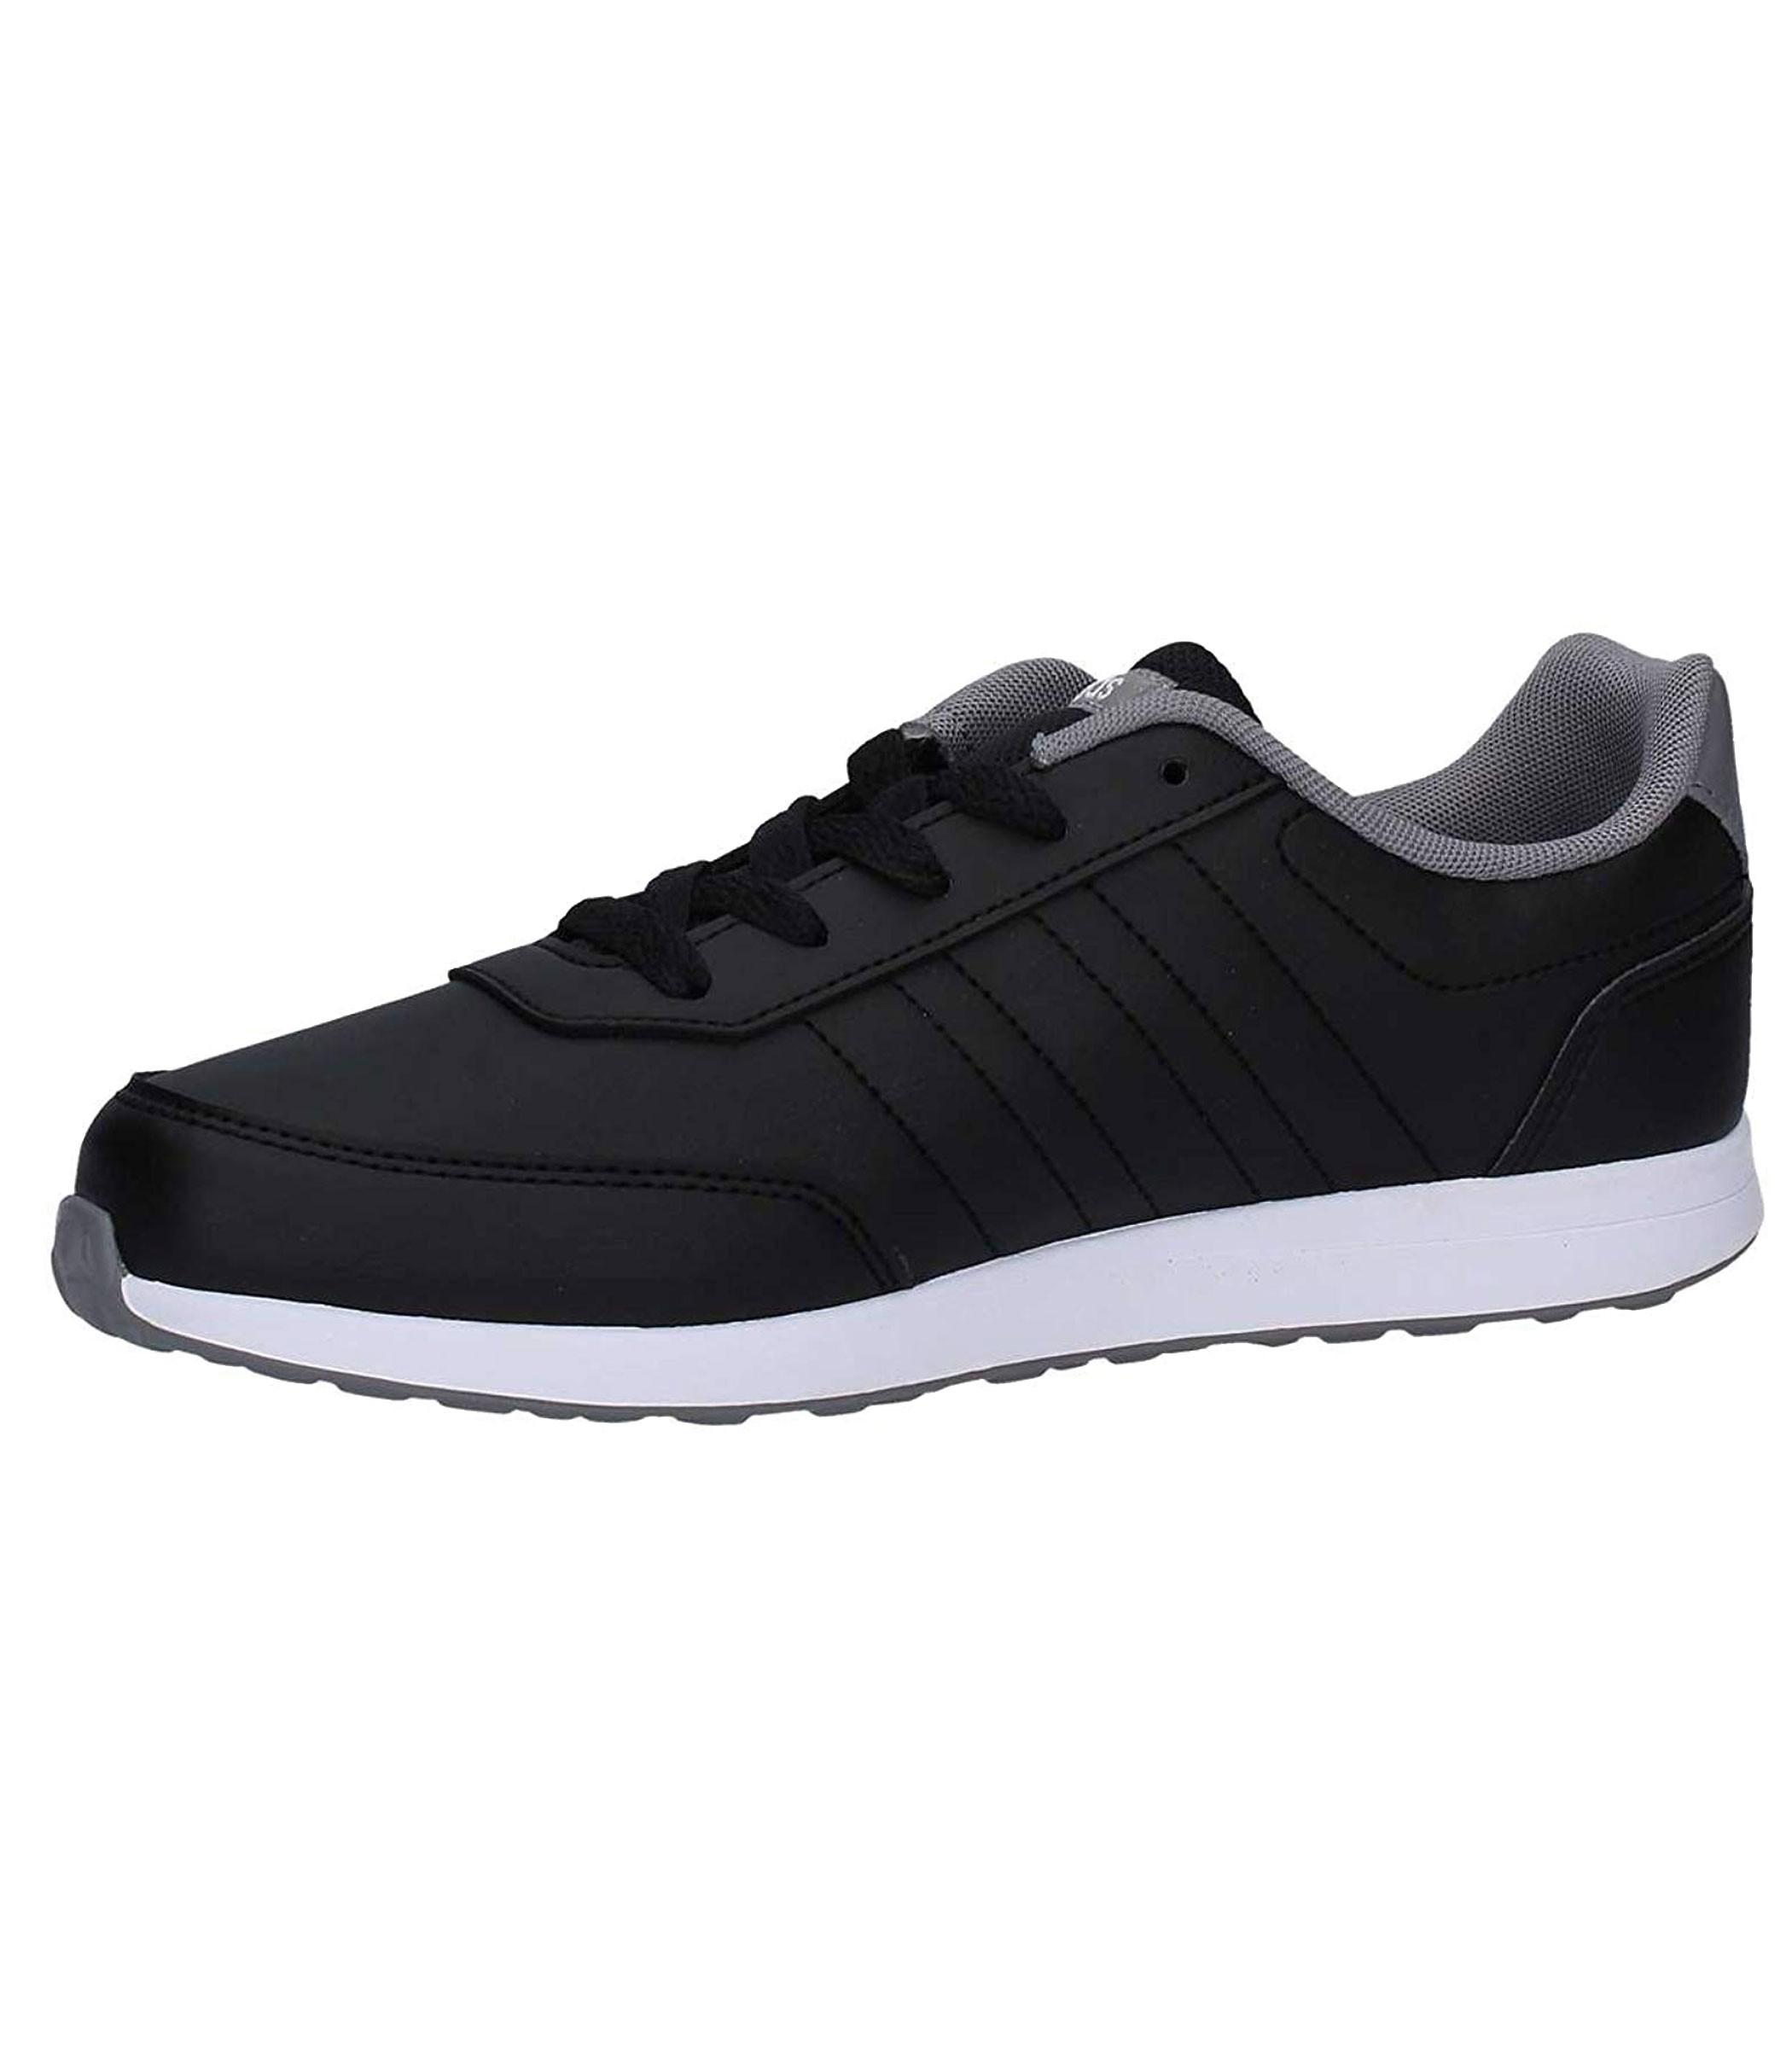 sale retailer 2ad36 e51ee BC0095 Scarpe Sneakers Adidas VS SWITCH 2 K da ragazzo ragazza rif.